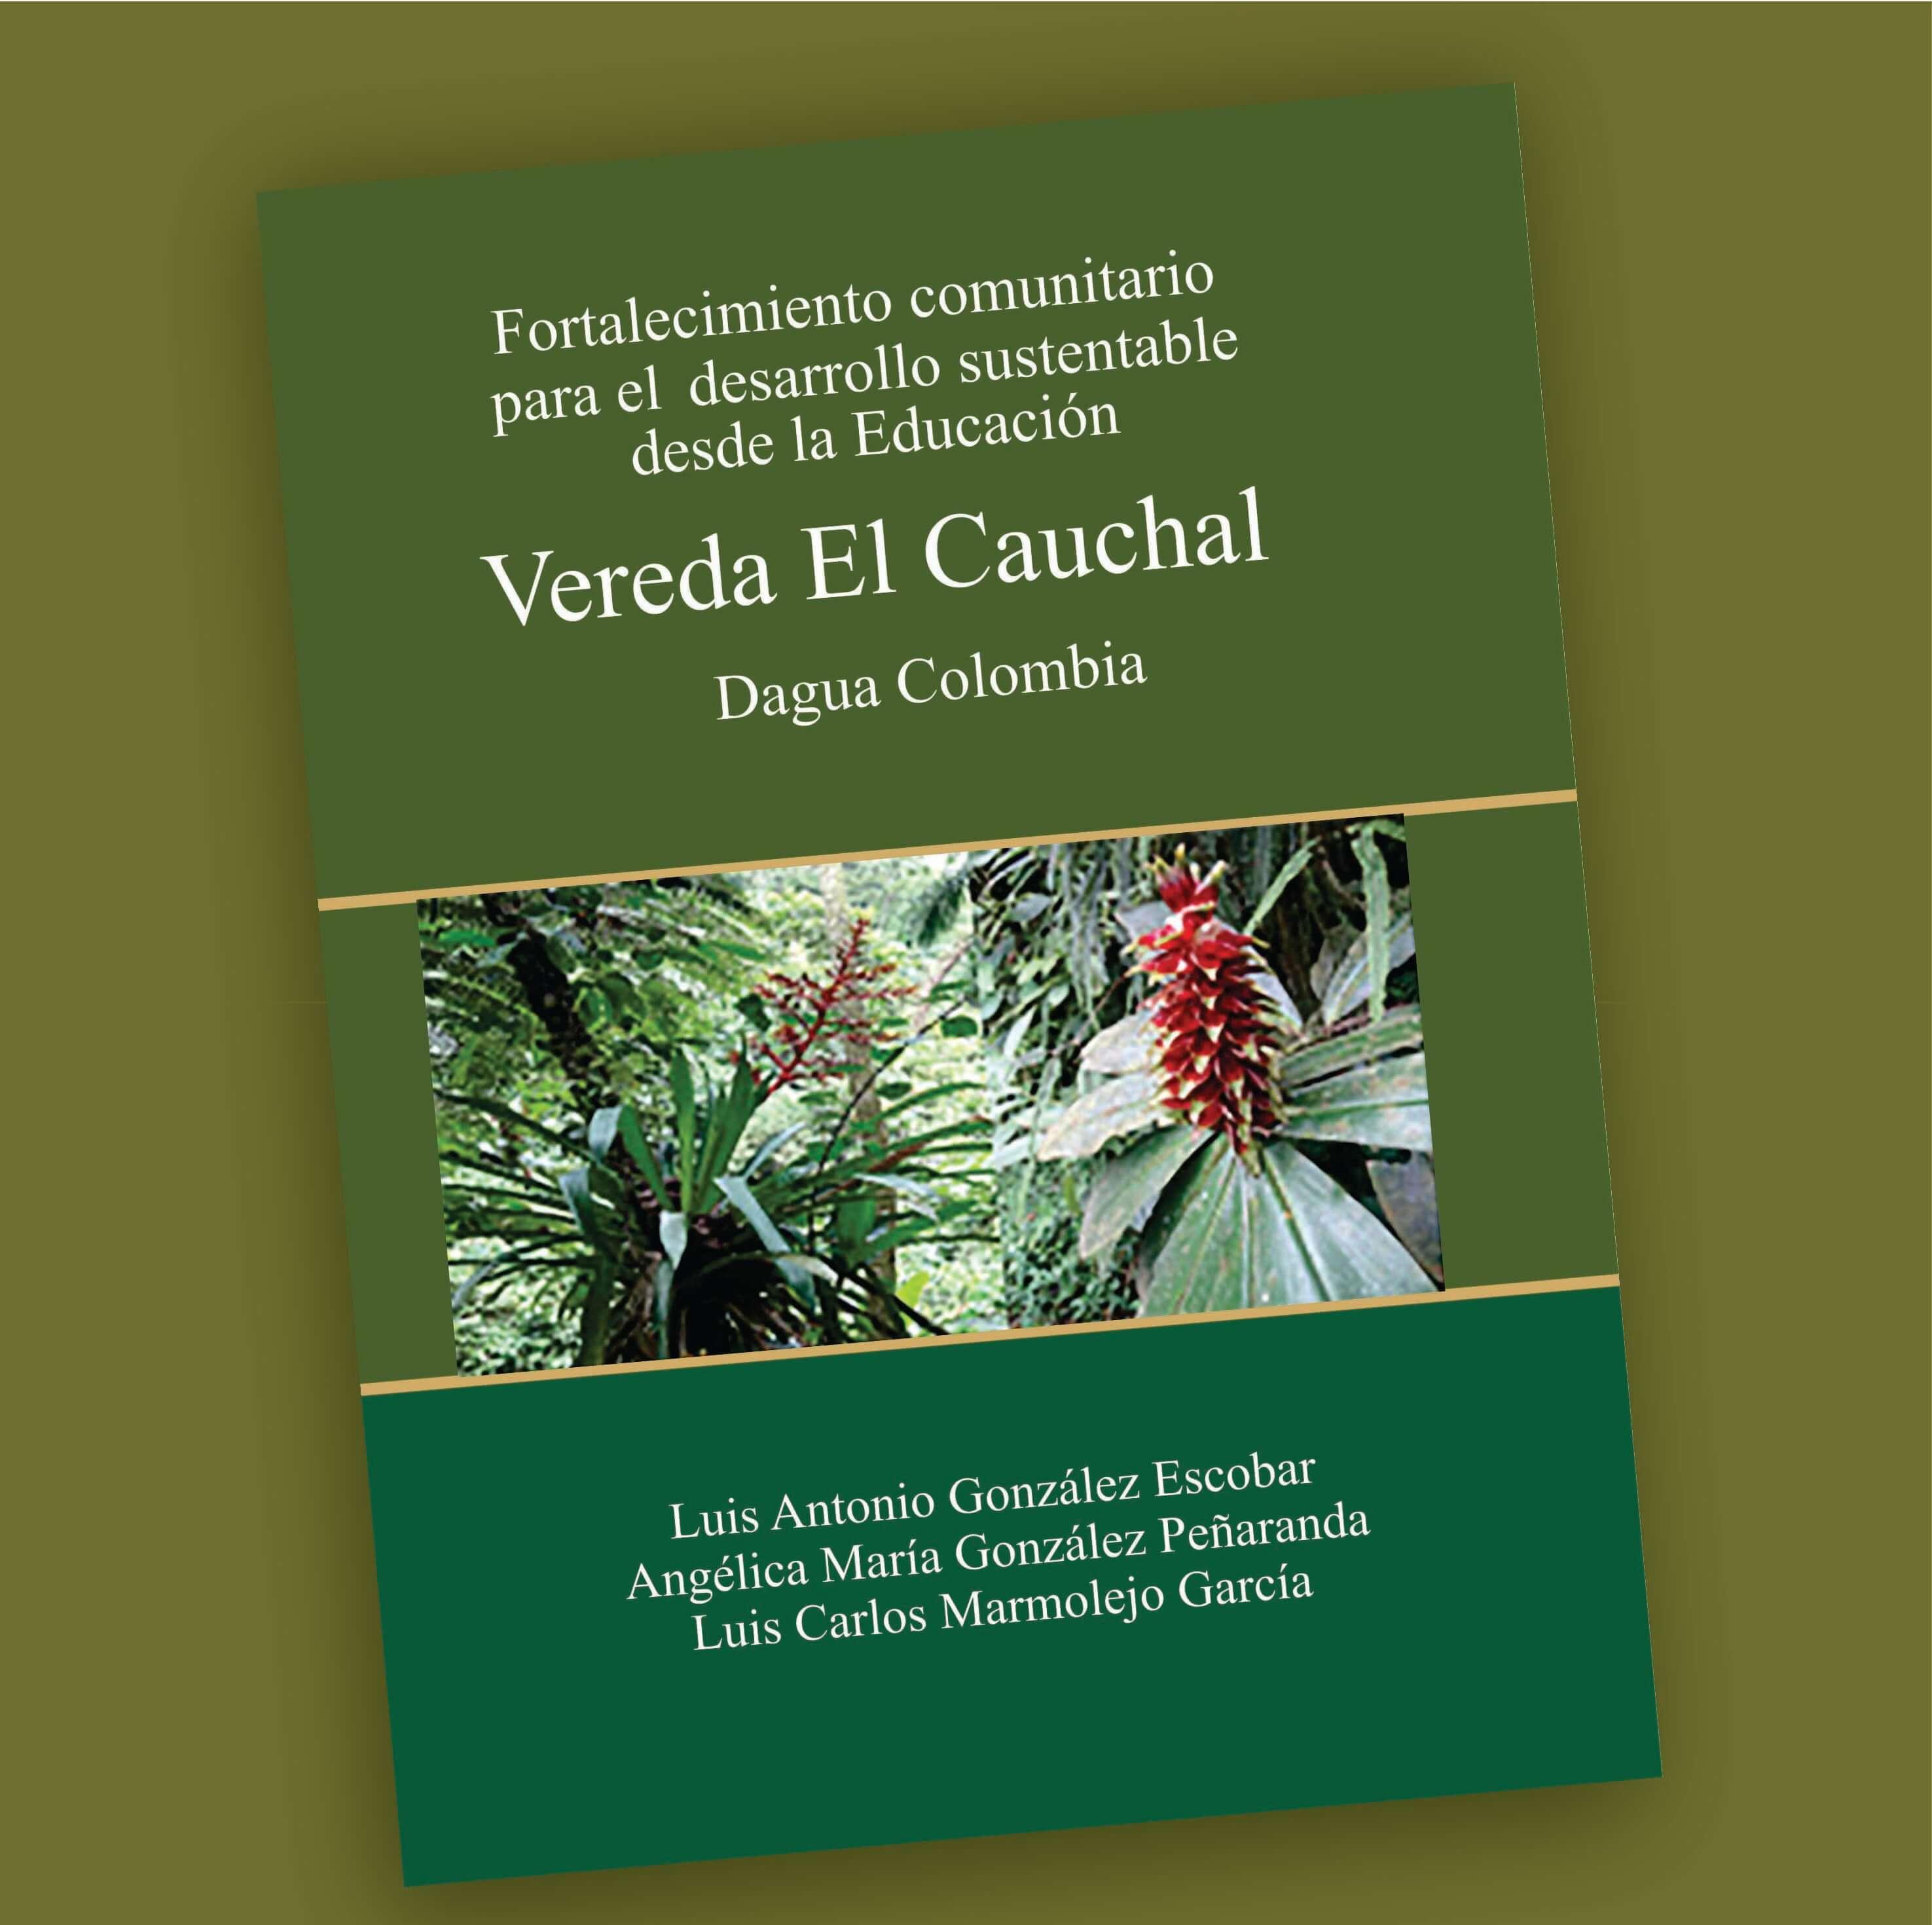 Vereda El Cauchal-Luis Anton io González Escobar